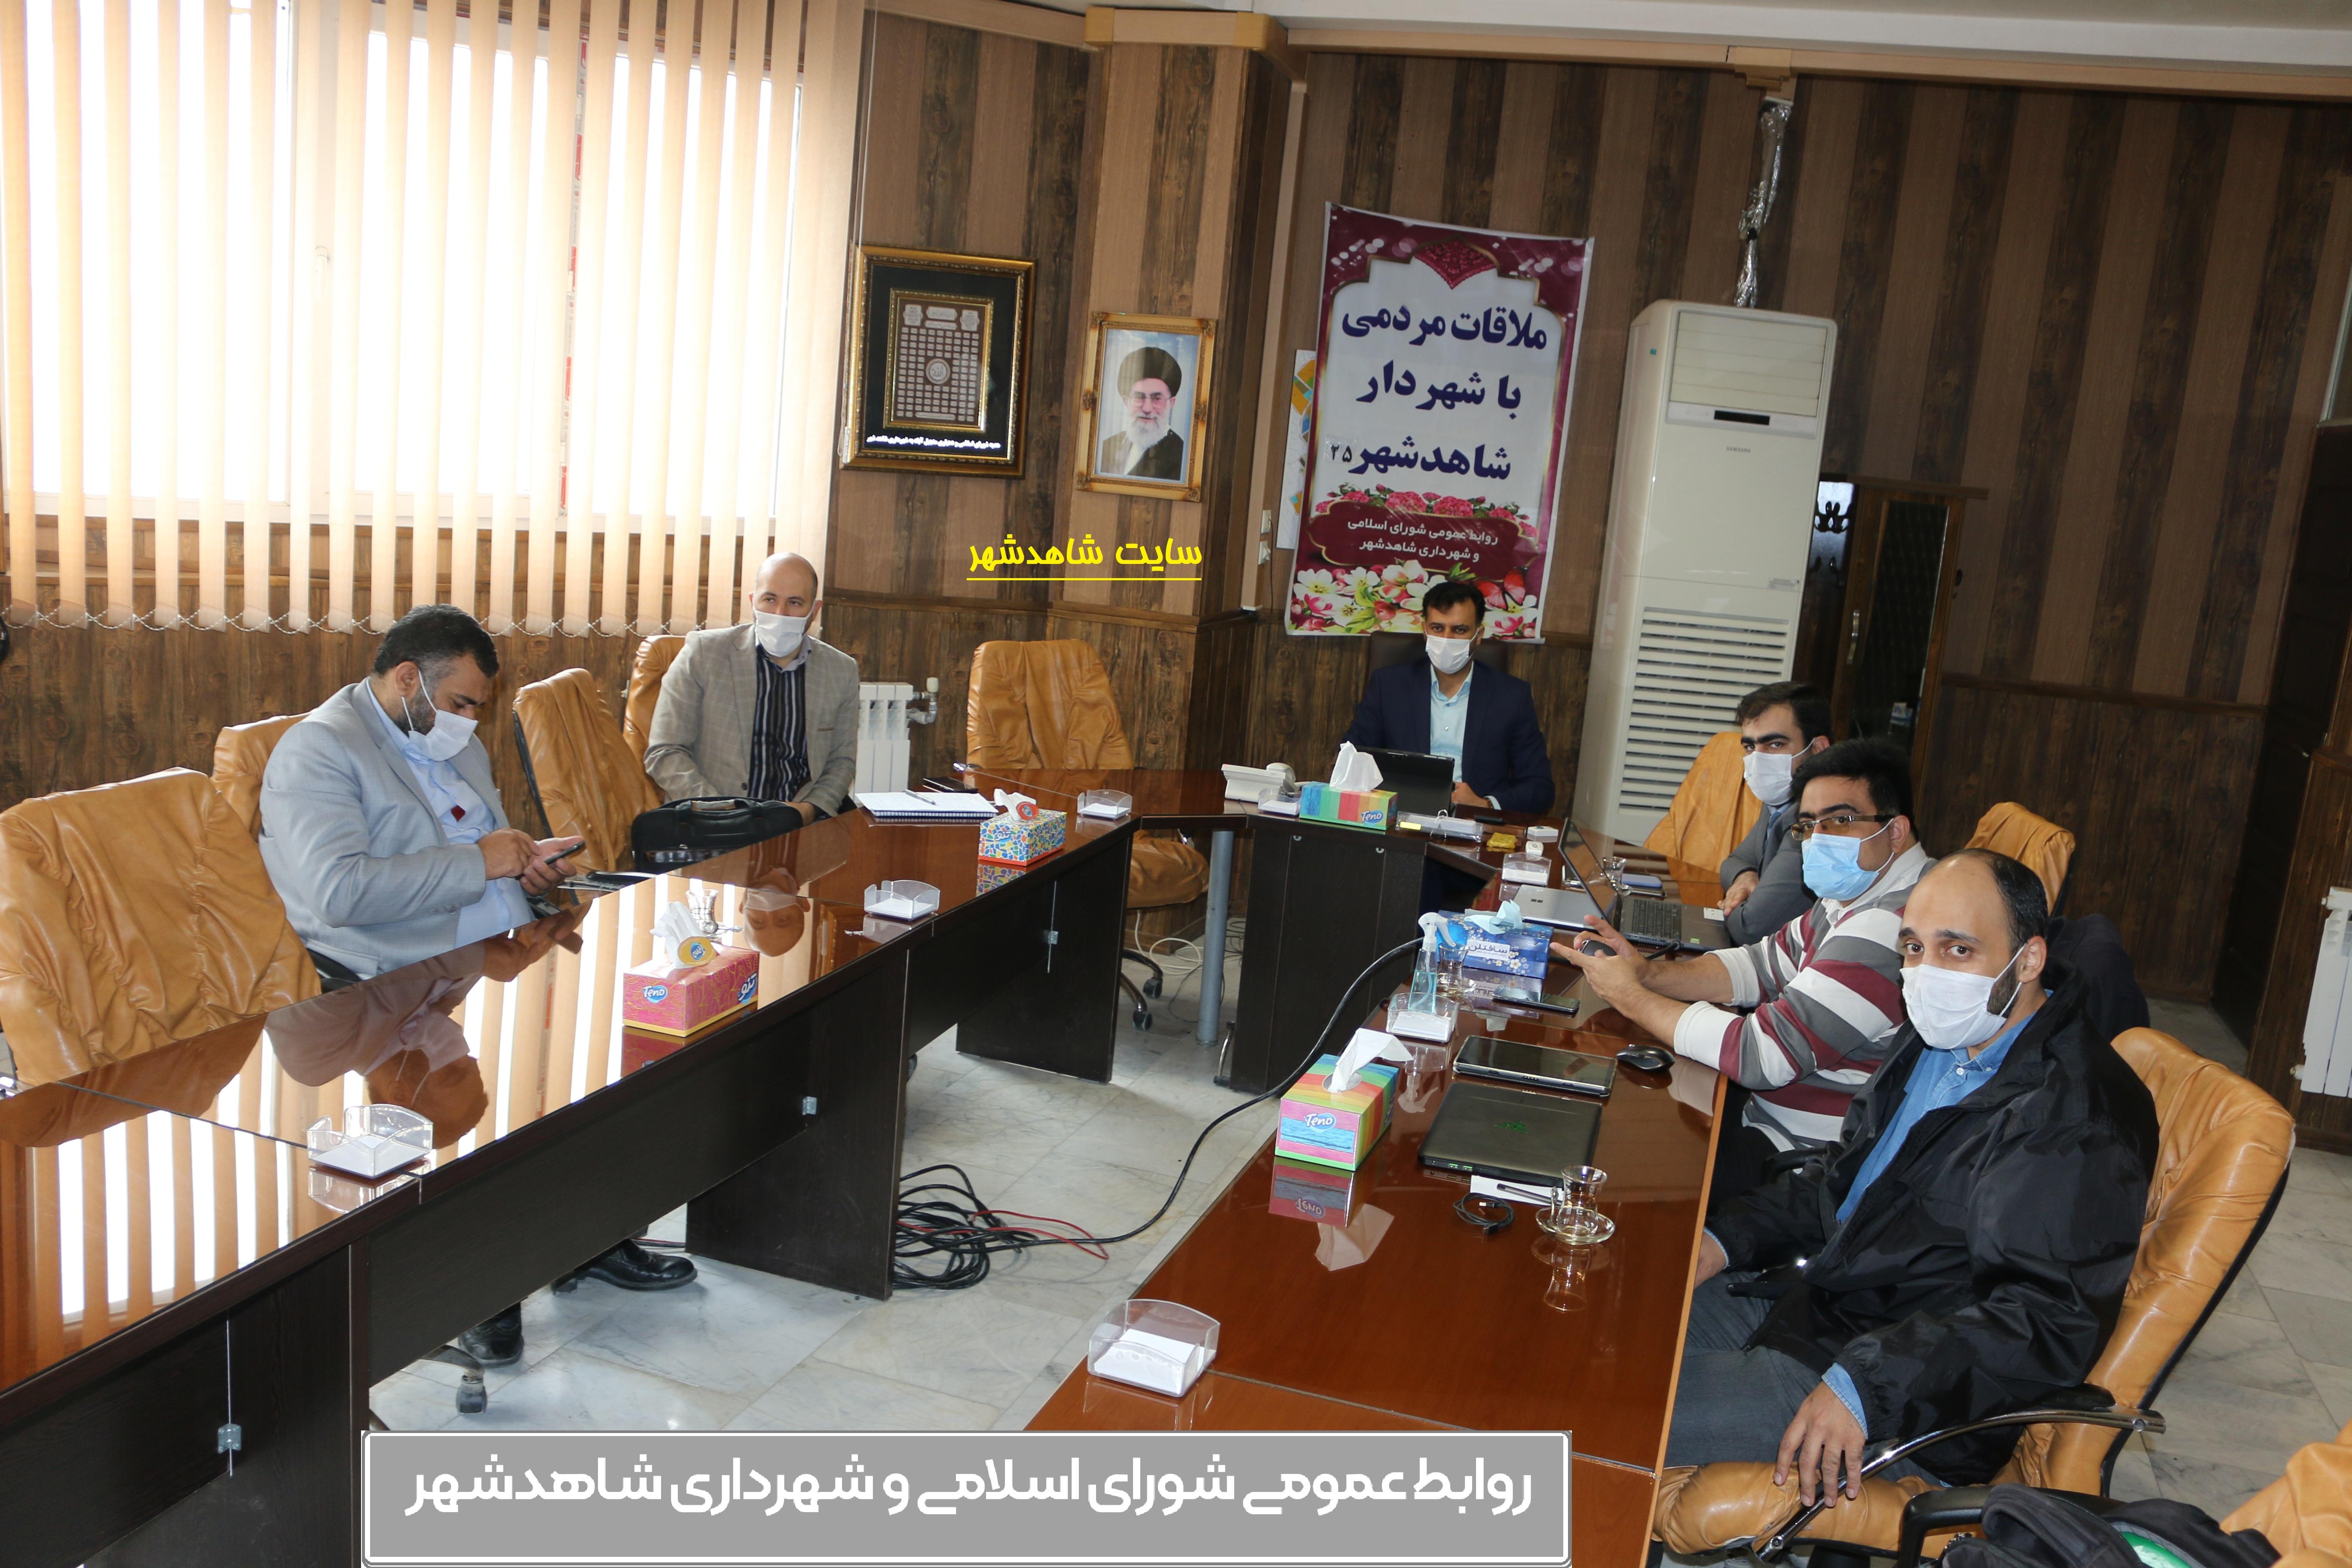 بیست و پنجمین ملاقات عمومی شهردار با شهروندان شاهدشهر